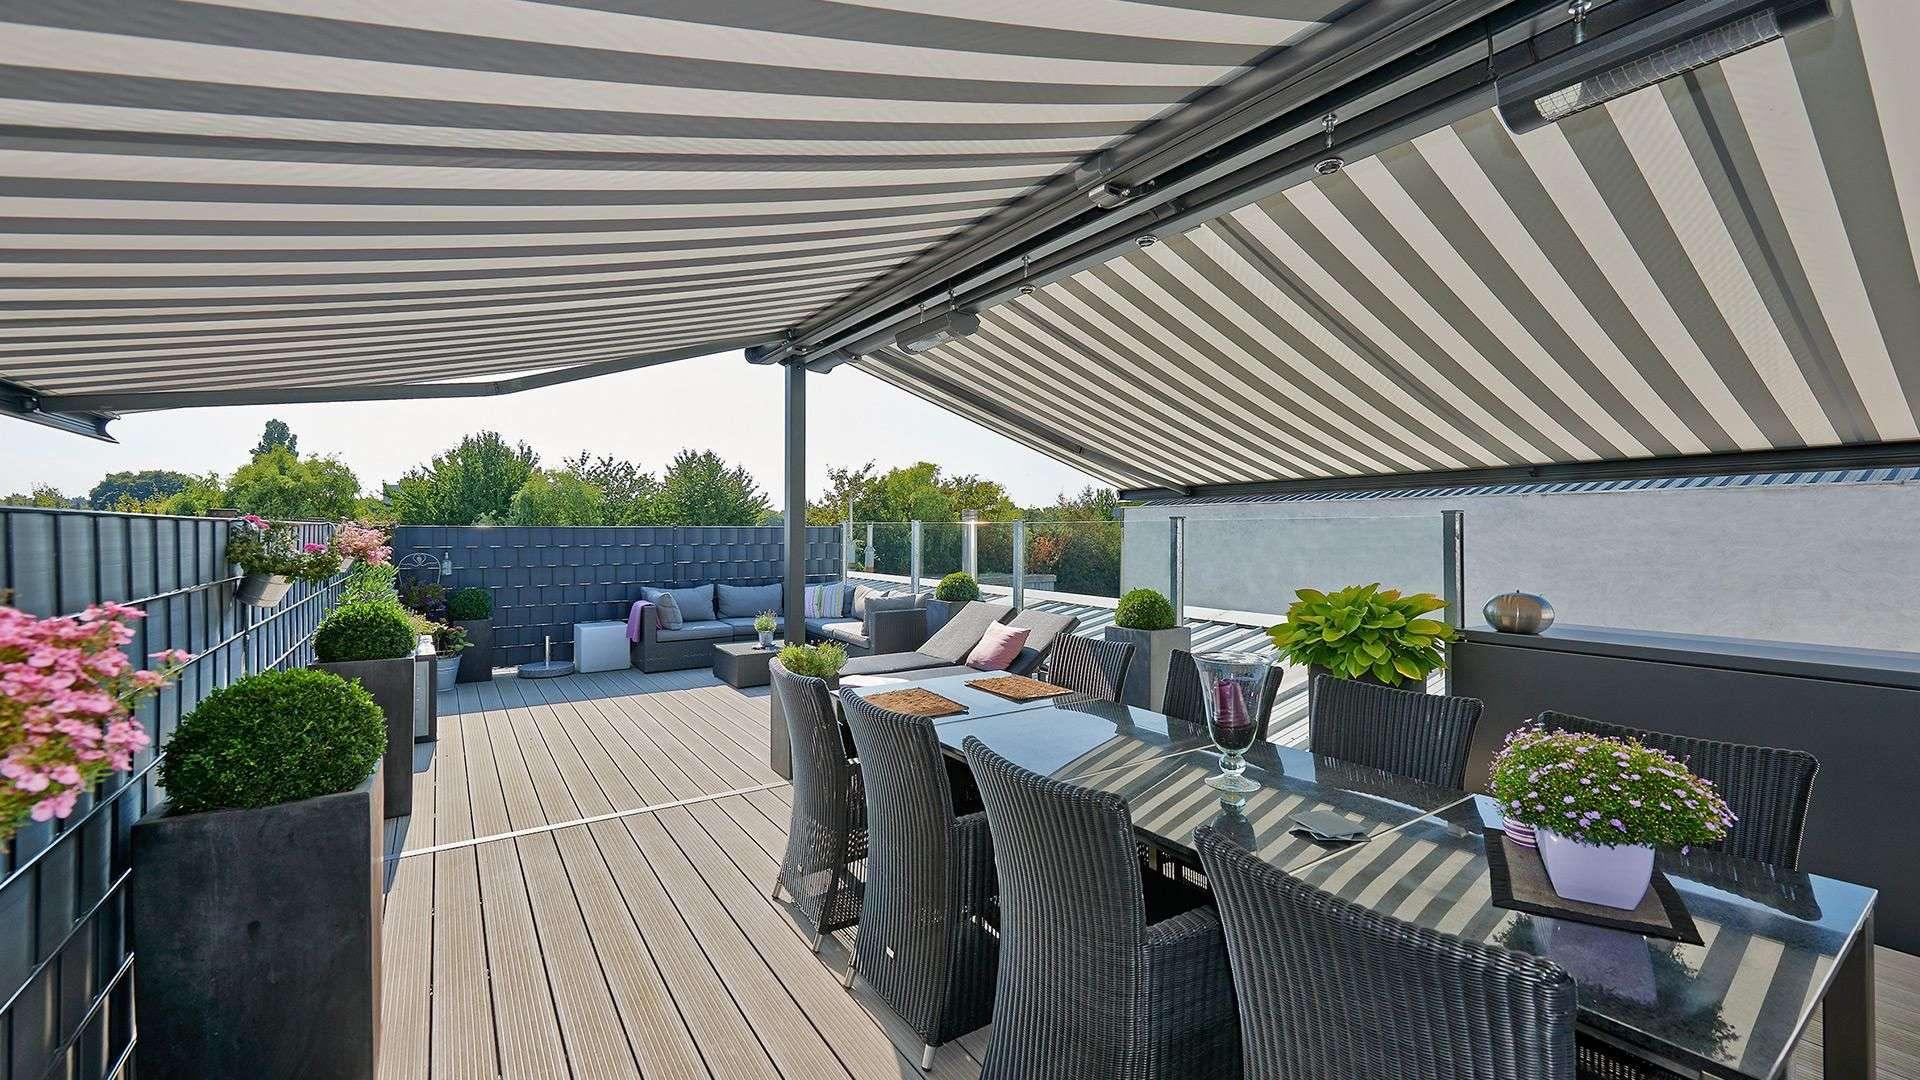 Terrasse in der Nolden Ausstellung mit Tisch und Markise überdacht